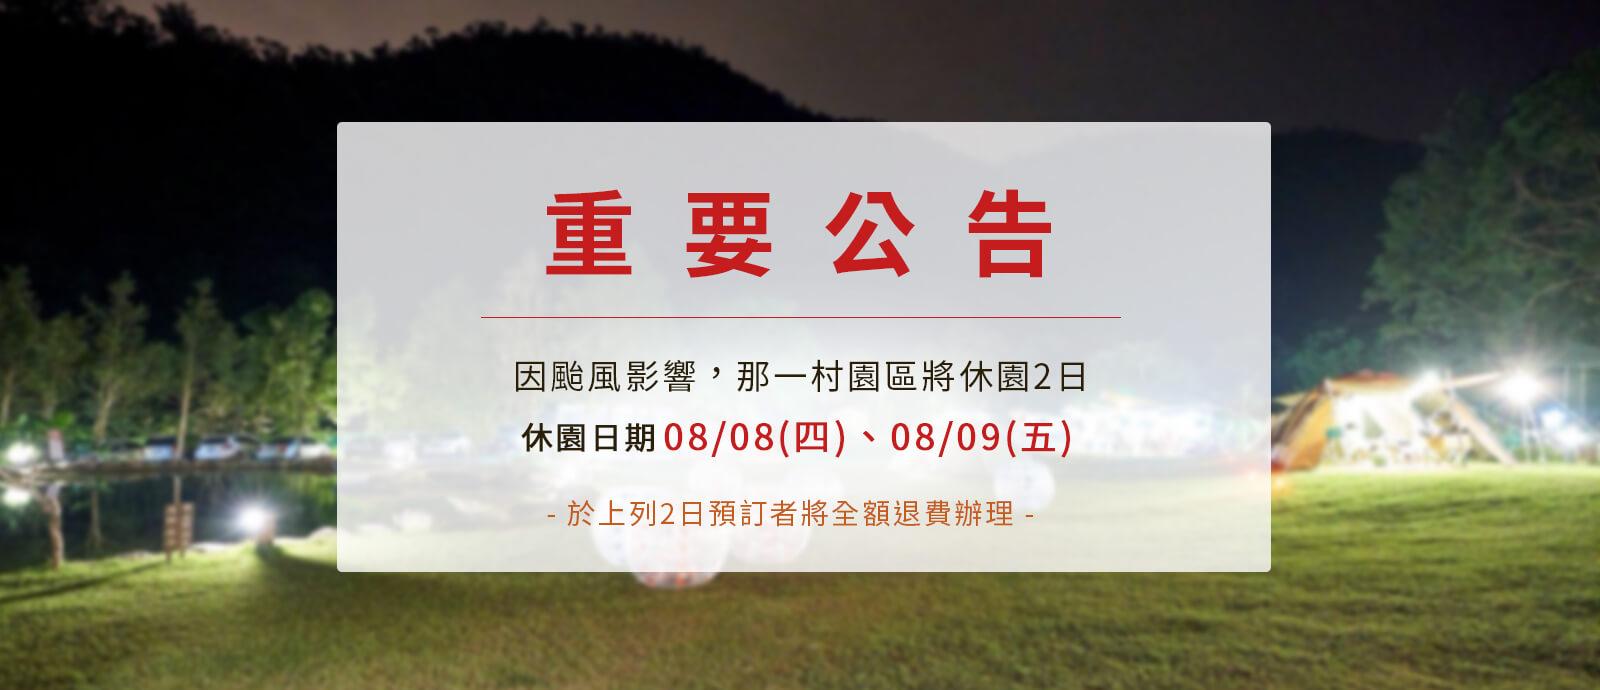 豪華露營颱風天公告